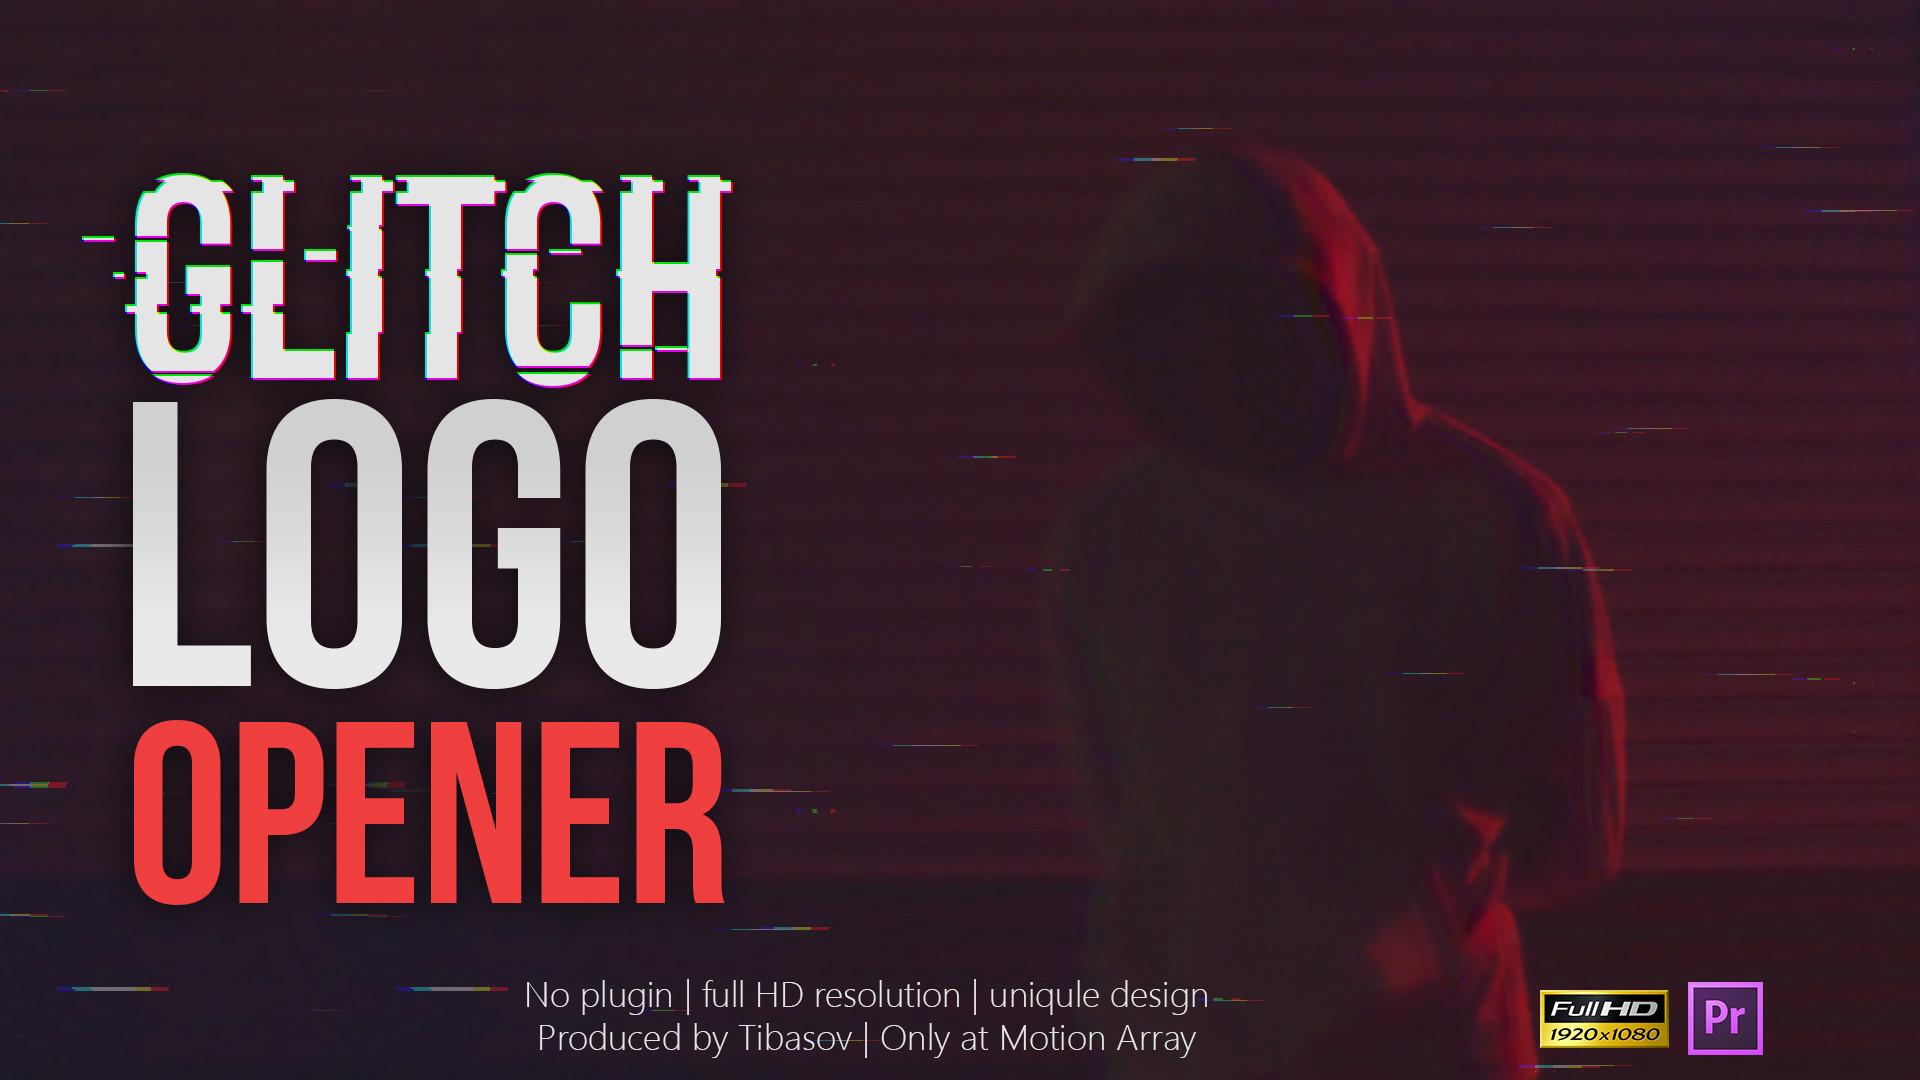 Glitch Logo Opener - Premiere Pro Templates 84030